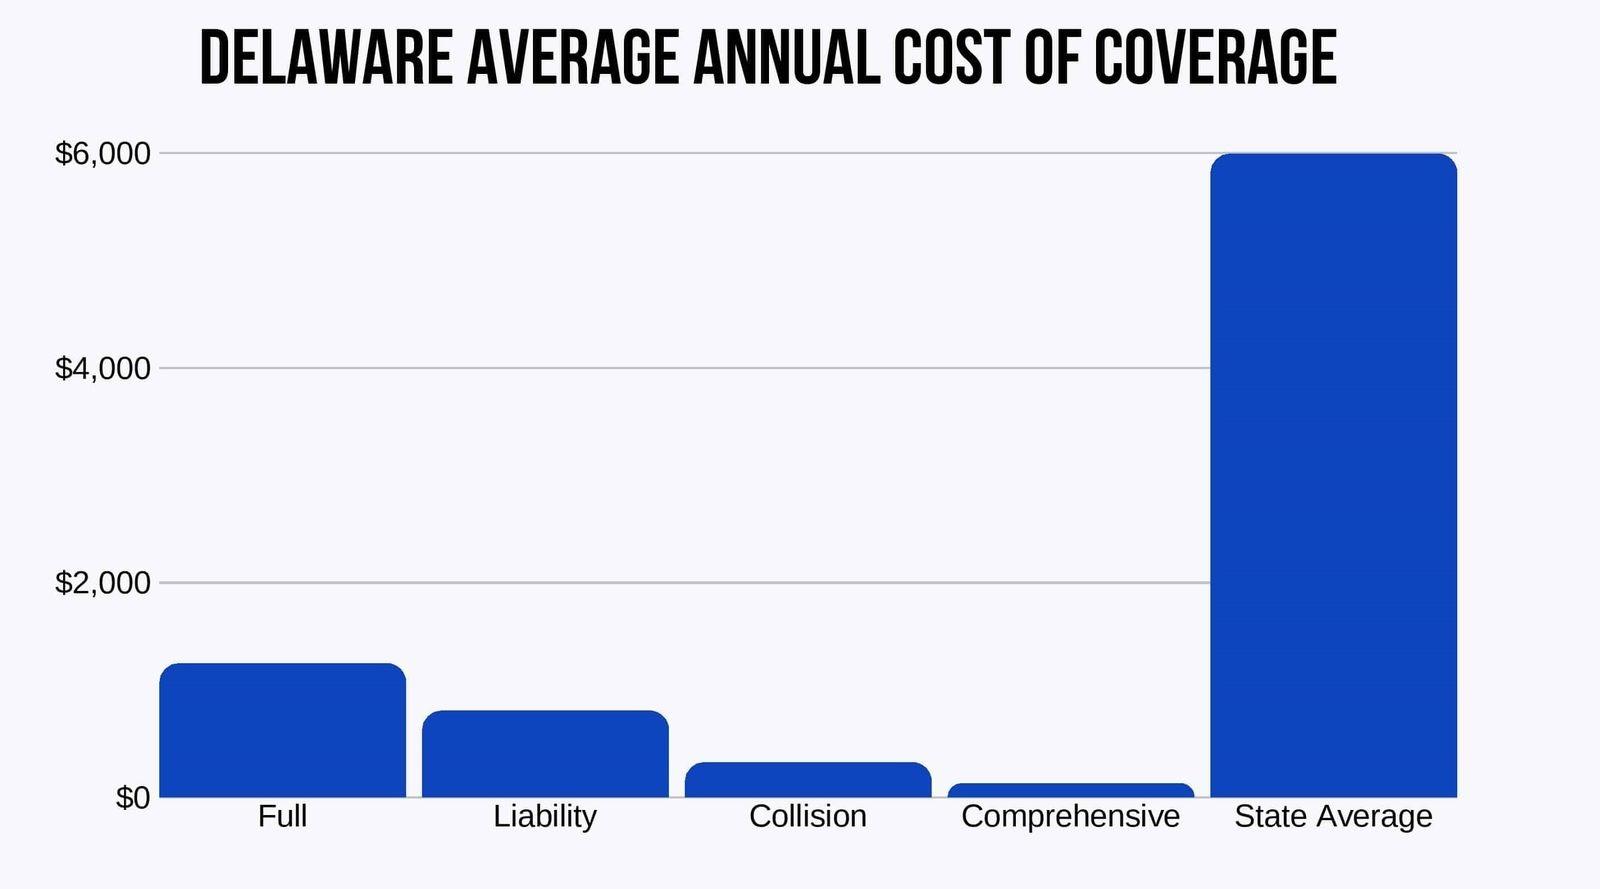 Delaware-Average-Annual-Cost-of-Coverage